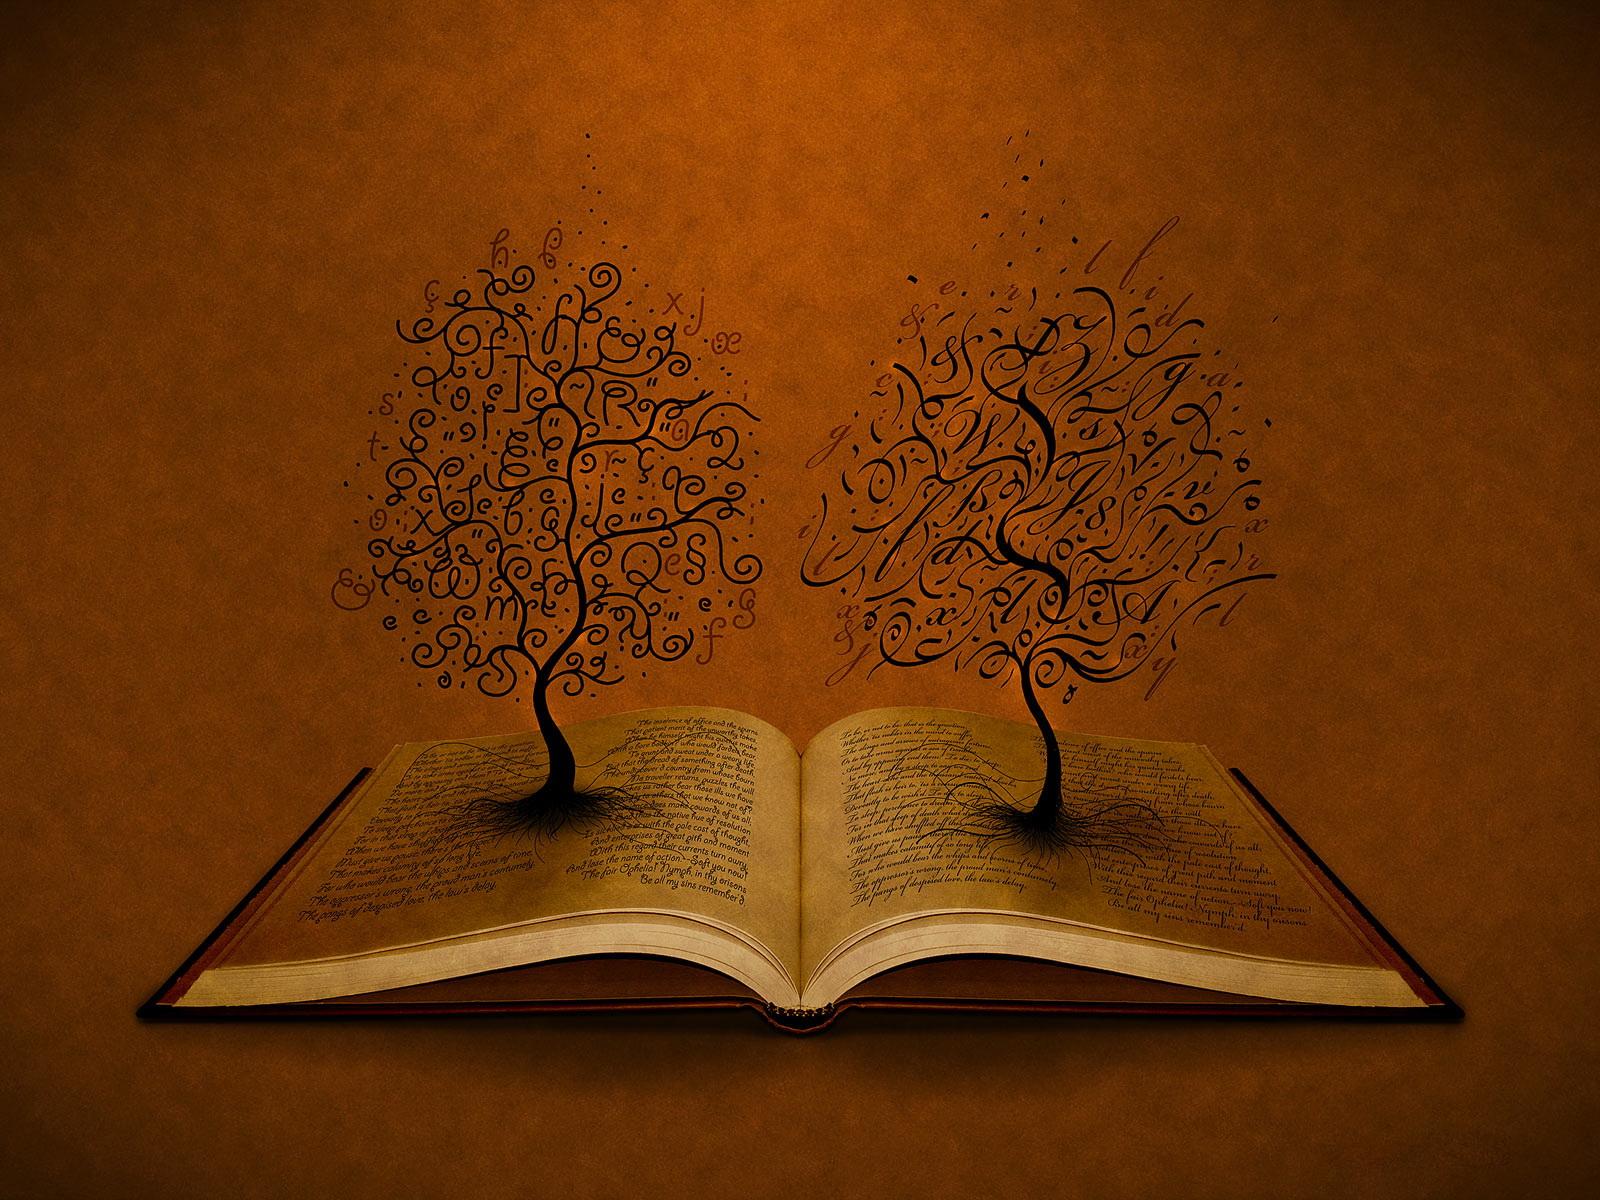 http://4.bp.blogspot.com/-iEbX_BpAx7w/UDnKzv5u4KI/AAAAAAAAAHo/67Rnj01EbSU/s1600/book-and-trees.jpg